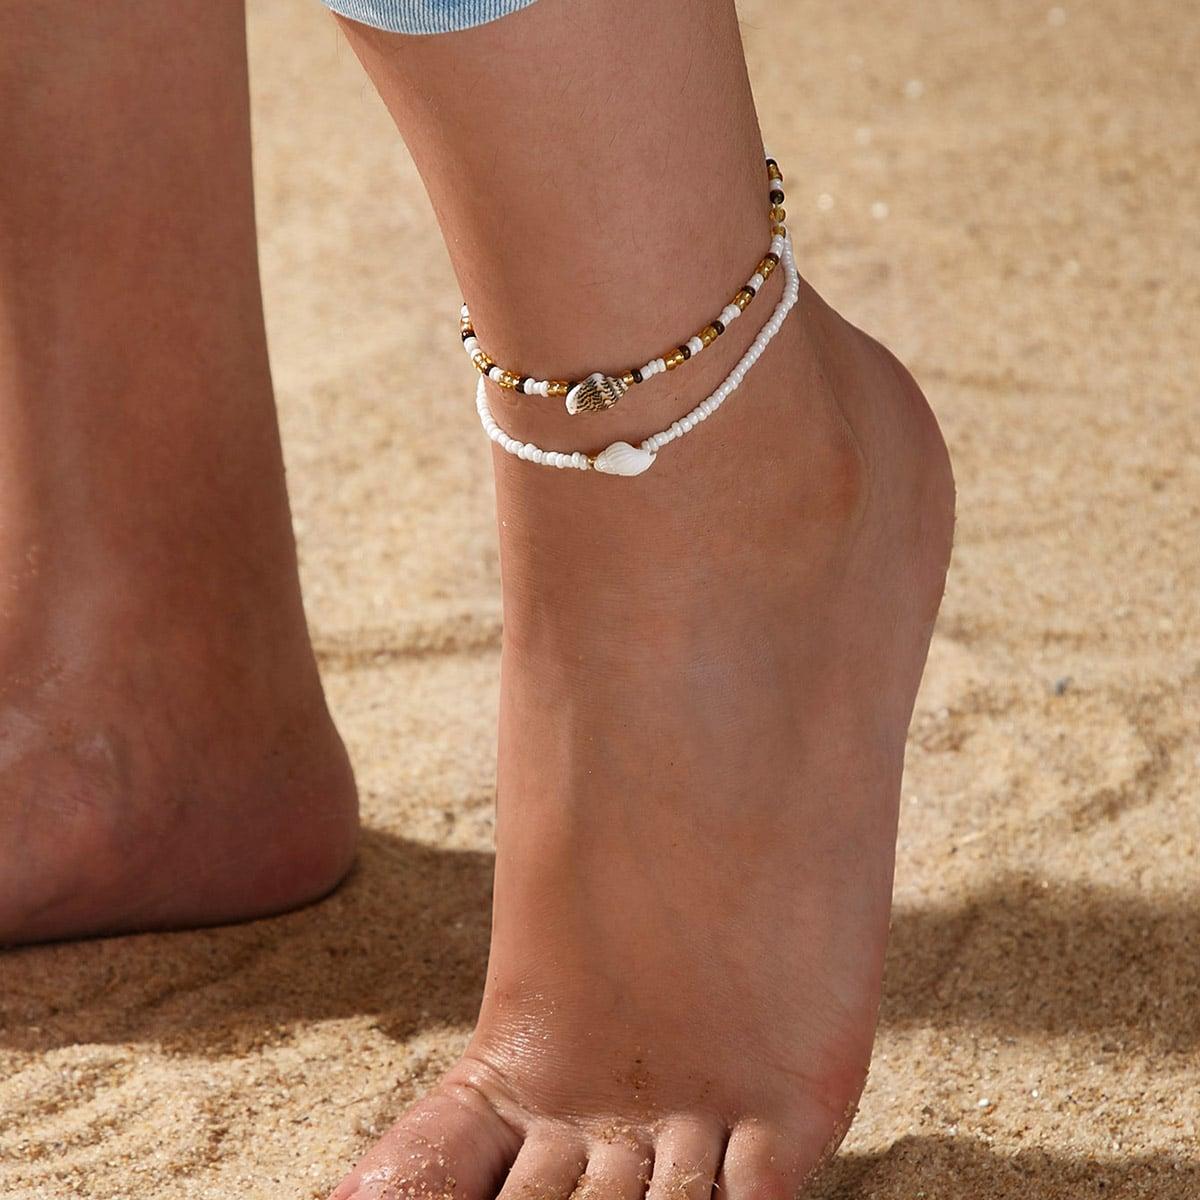 SHEIN / Fußkett mit Muschel Dekor und Perlen 2 Stücke